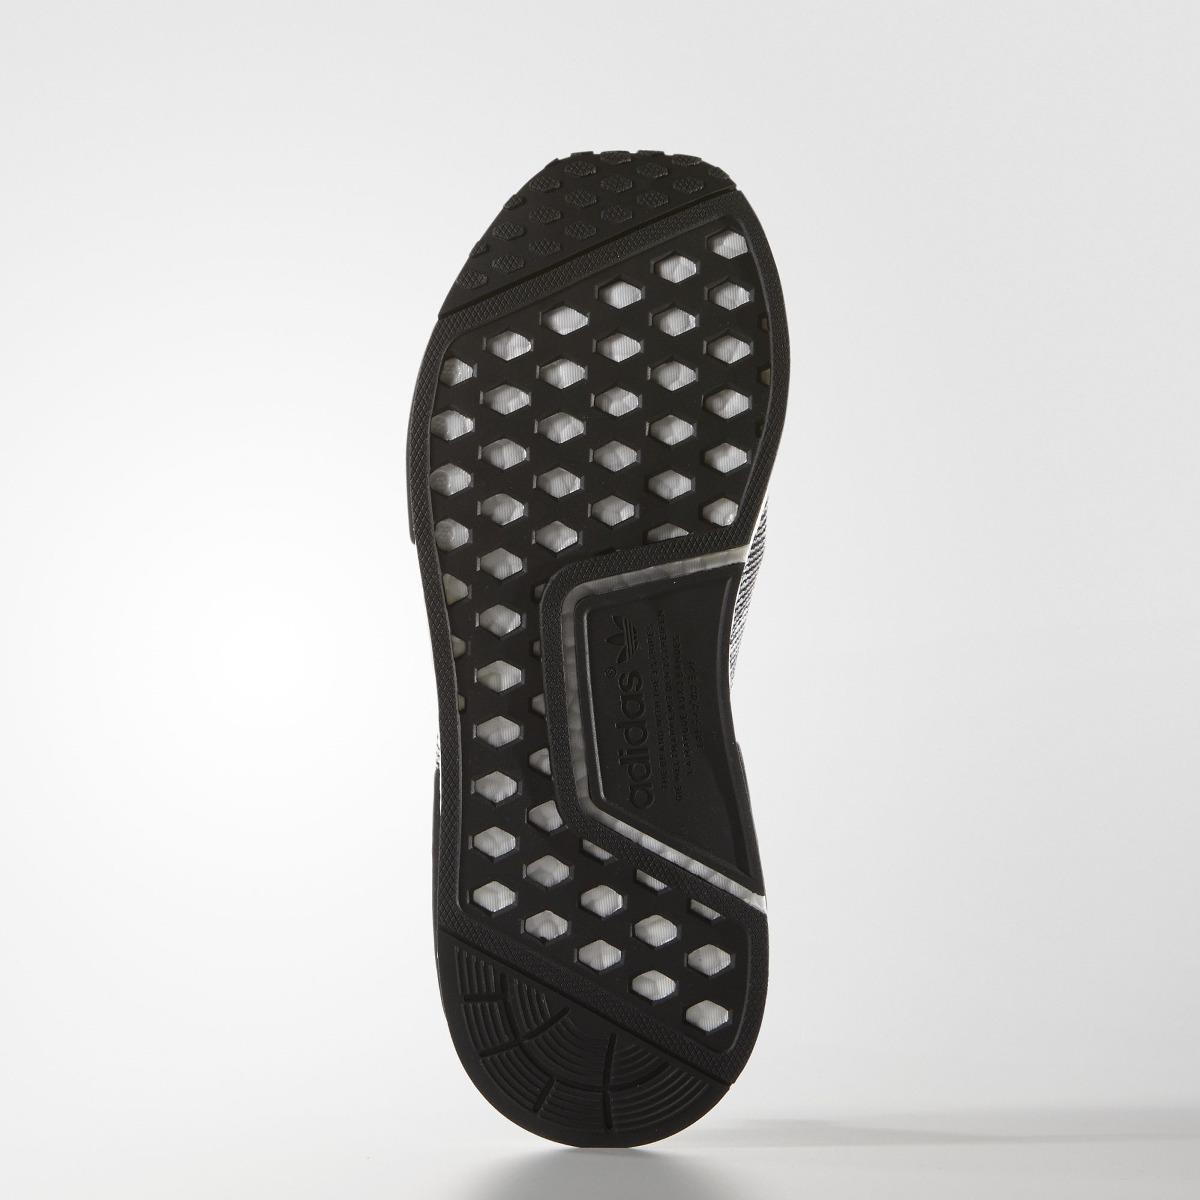 129ccc37e tênis adidas nmd r1 primeknit cinza homem originals promoção. Carregando  zoom.